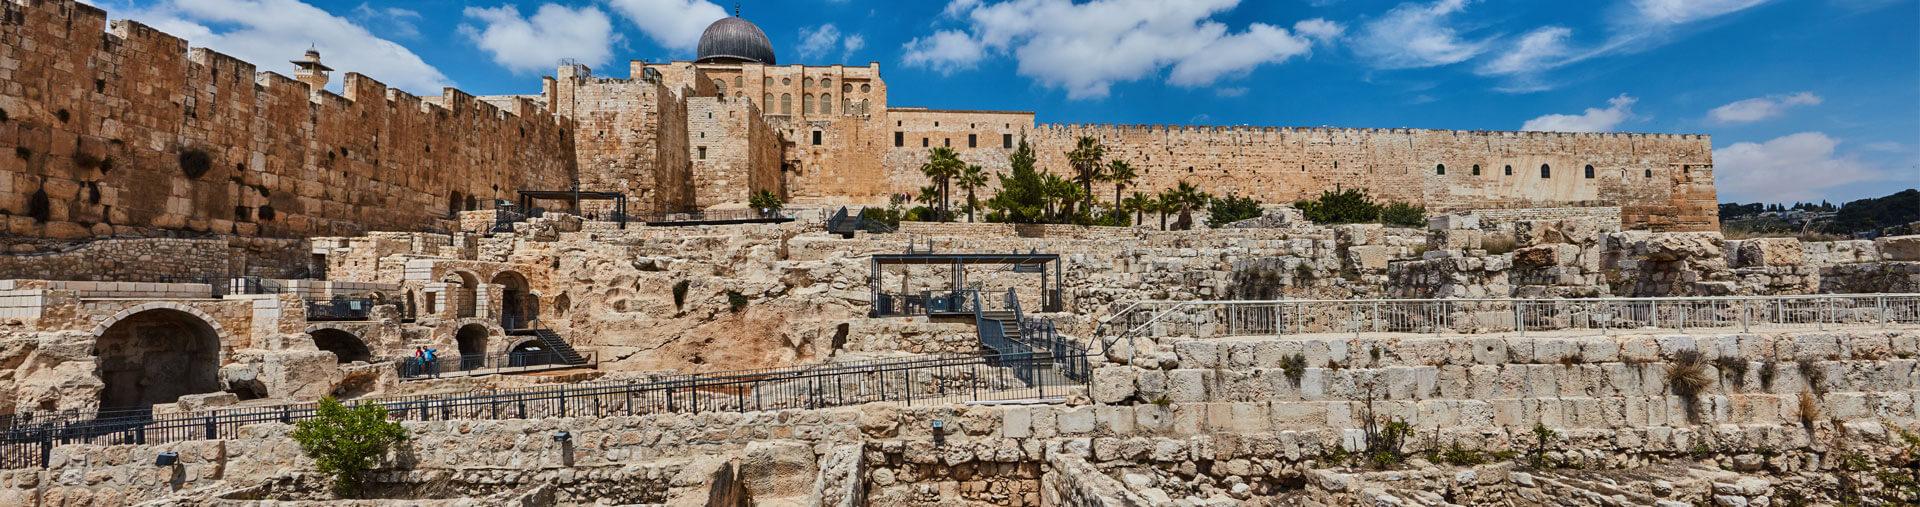 CITY OF DAVID TOUR